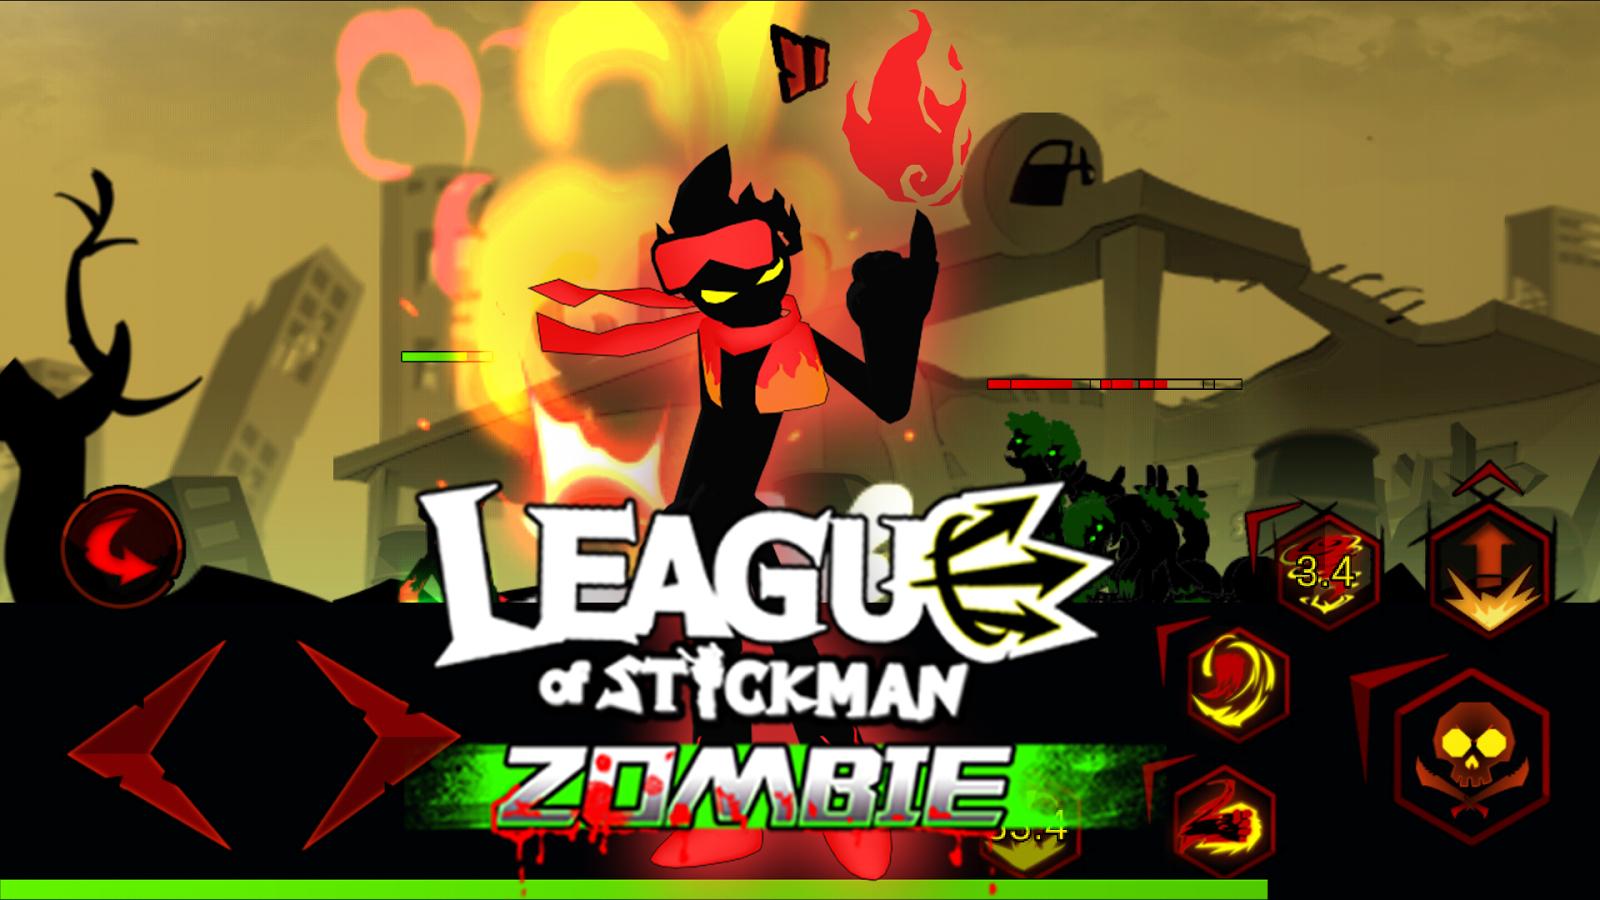 League of Stickman Zombie za 1zł @ Google Play